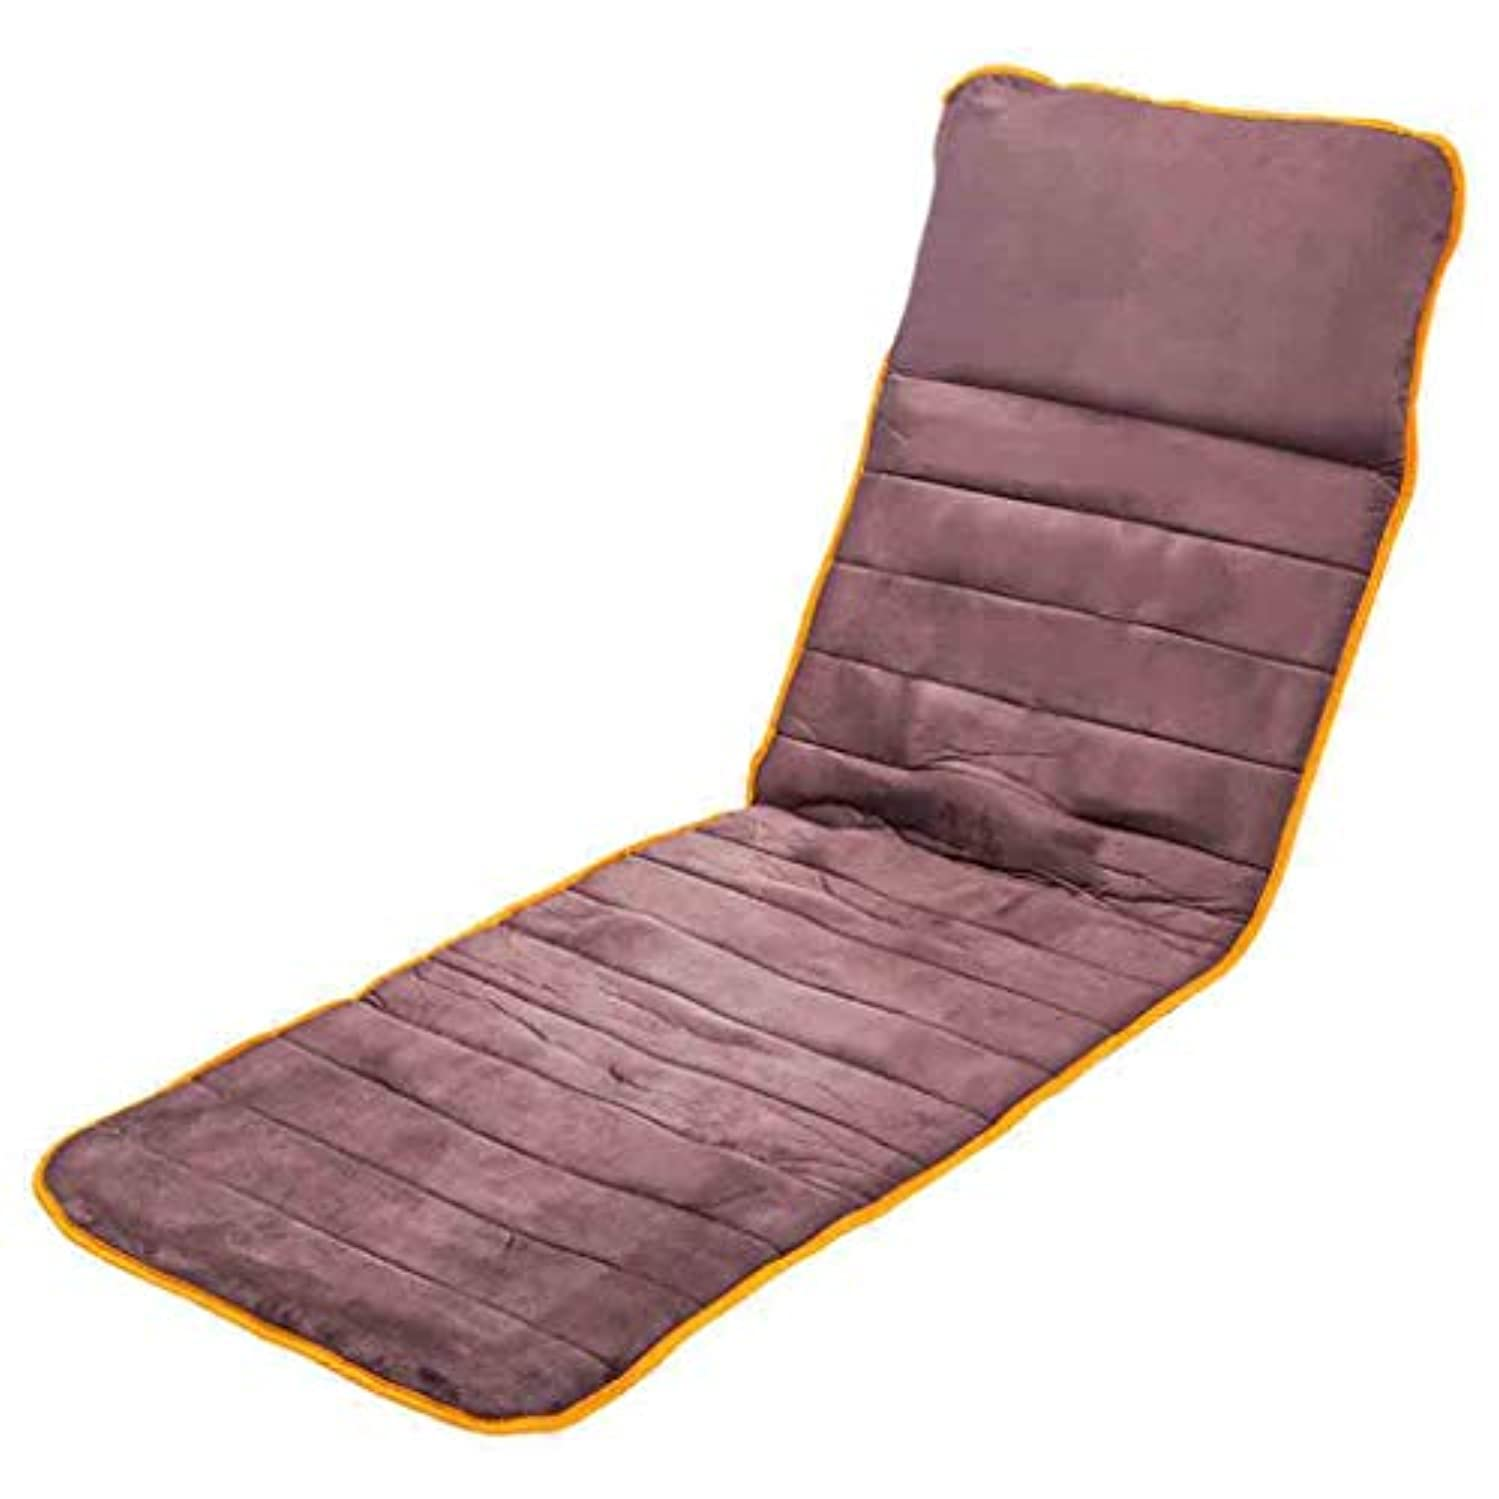 困惑する救急車アメリカフルボディマッサージマットレスでなだめるような熱療法多機能指圧振動折りたたみ式電動マッサージマットウェルネス&リラクゼーション腰痛脚の痛みを軽減,Brown,172cmx59cm